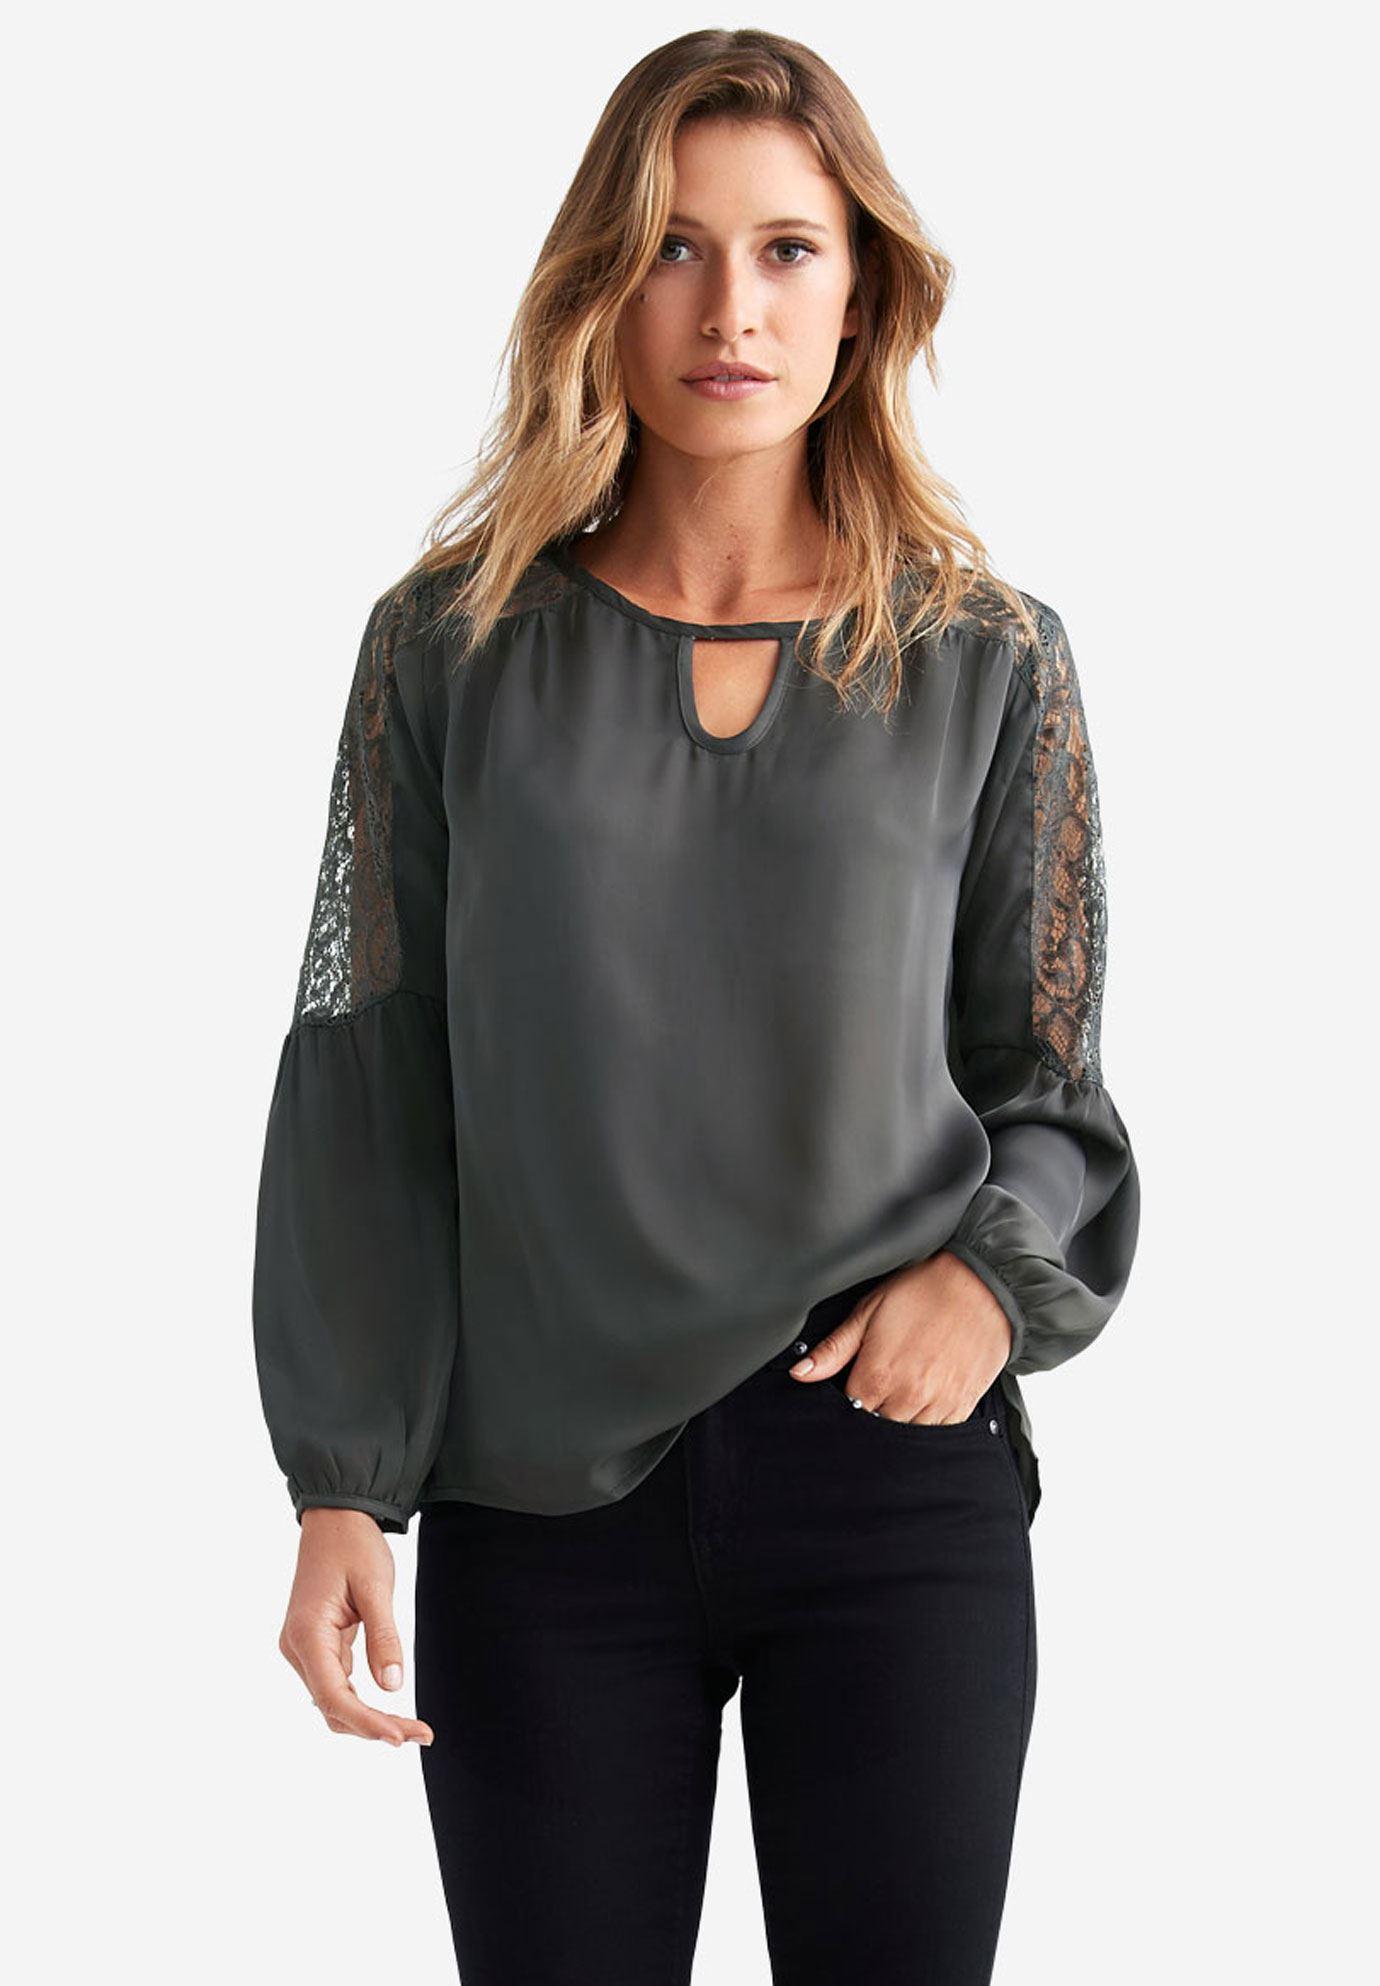 Keyhole Neck Lace Trim Blouse By Ellos Plus Size Blouses Shirts